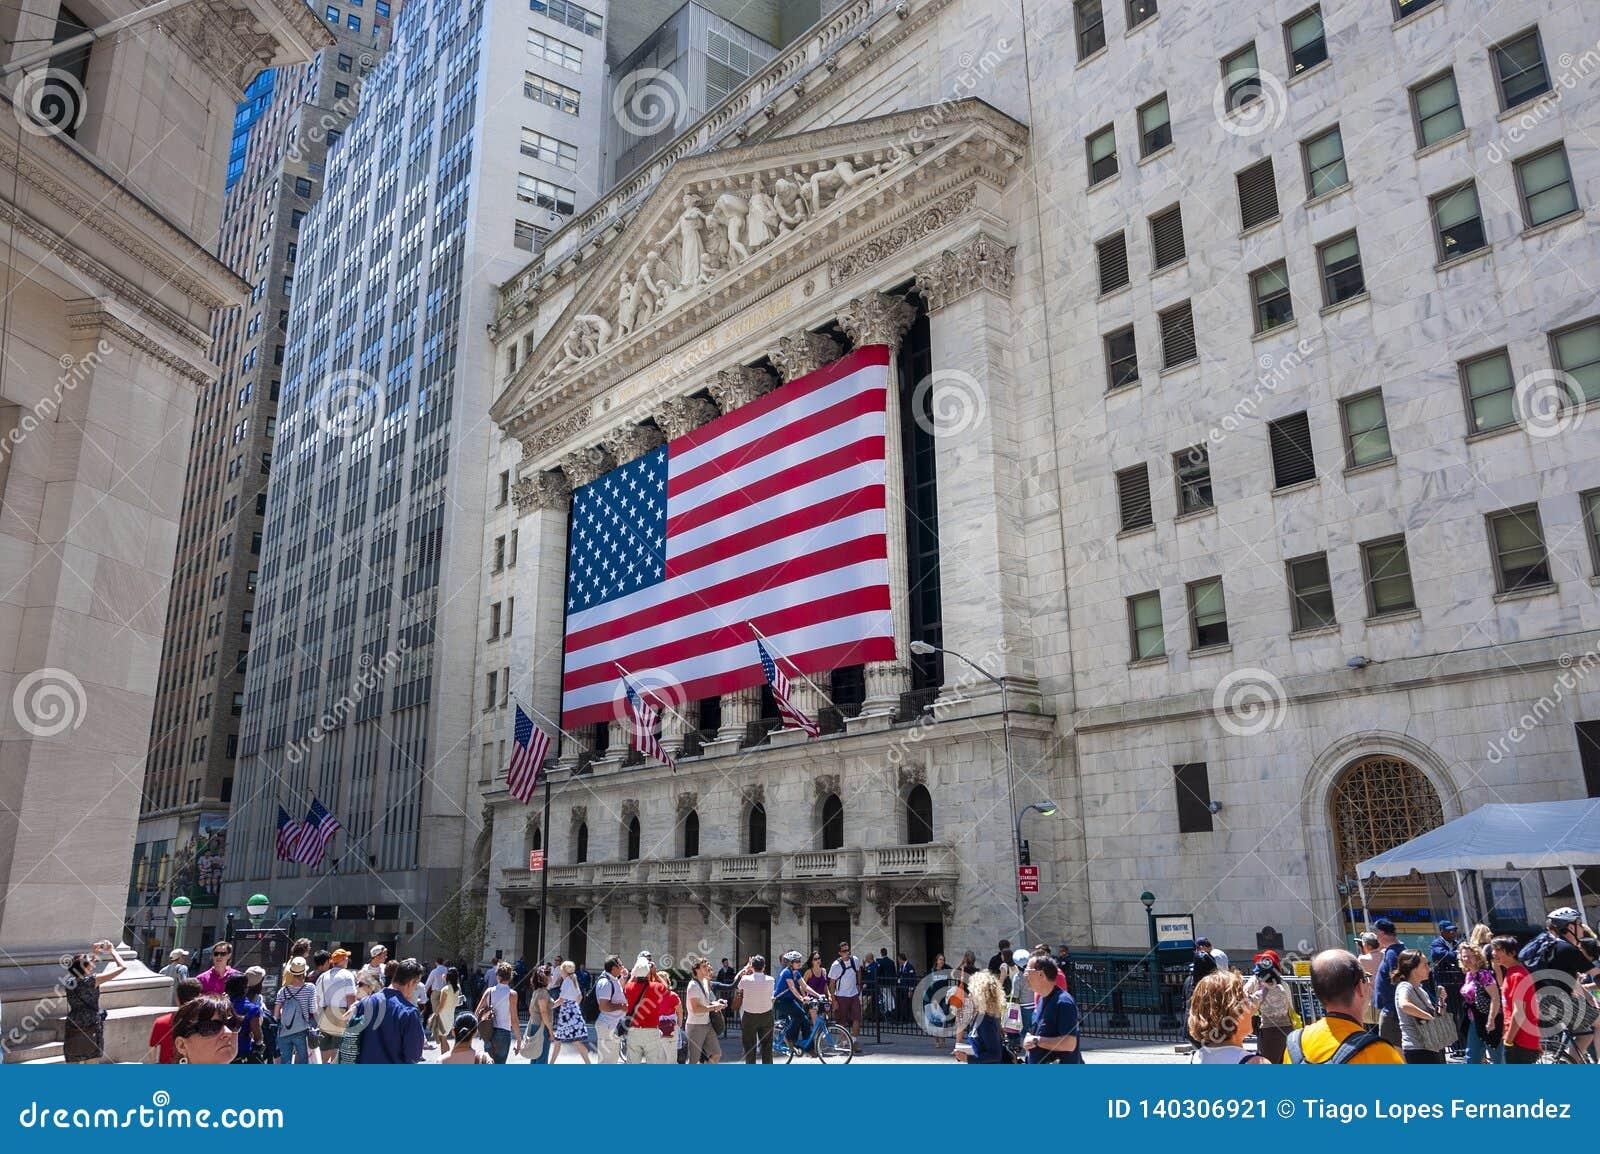 La fachada de New York Stock Exchange en Wall Street